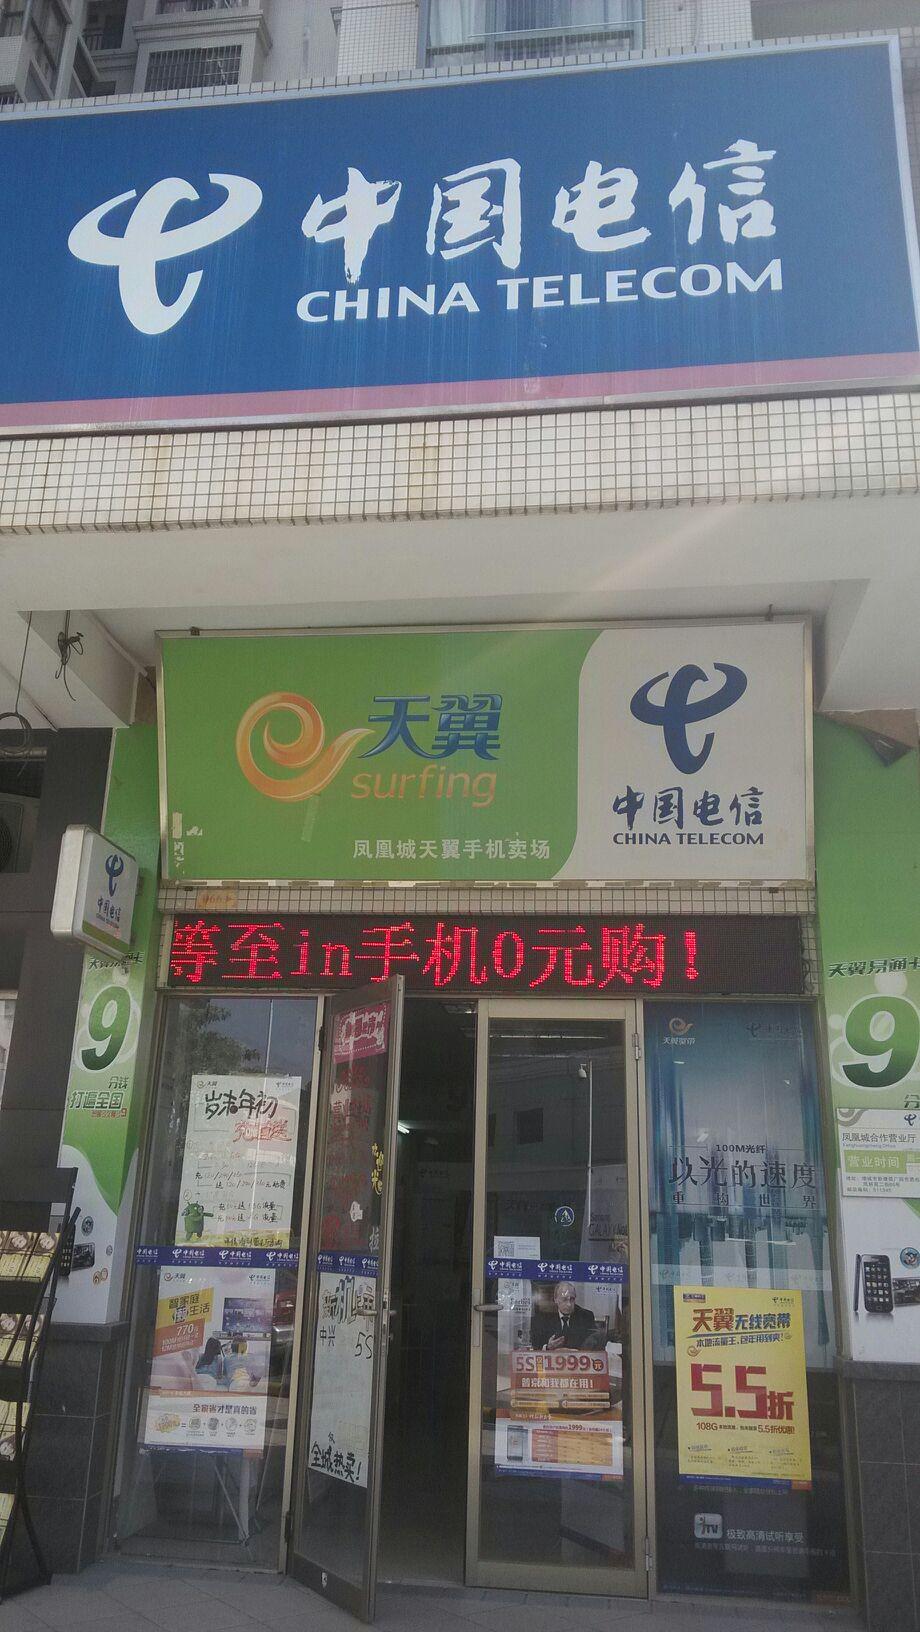 中国电信凤凰城交通中心天翼手机卖场地址,电话,简介 广州 百度地图